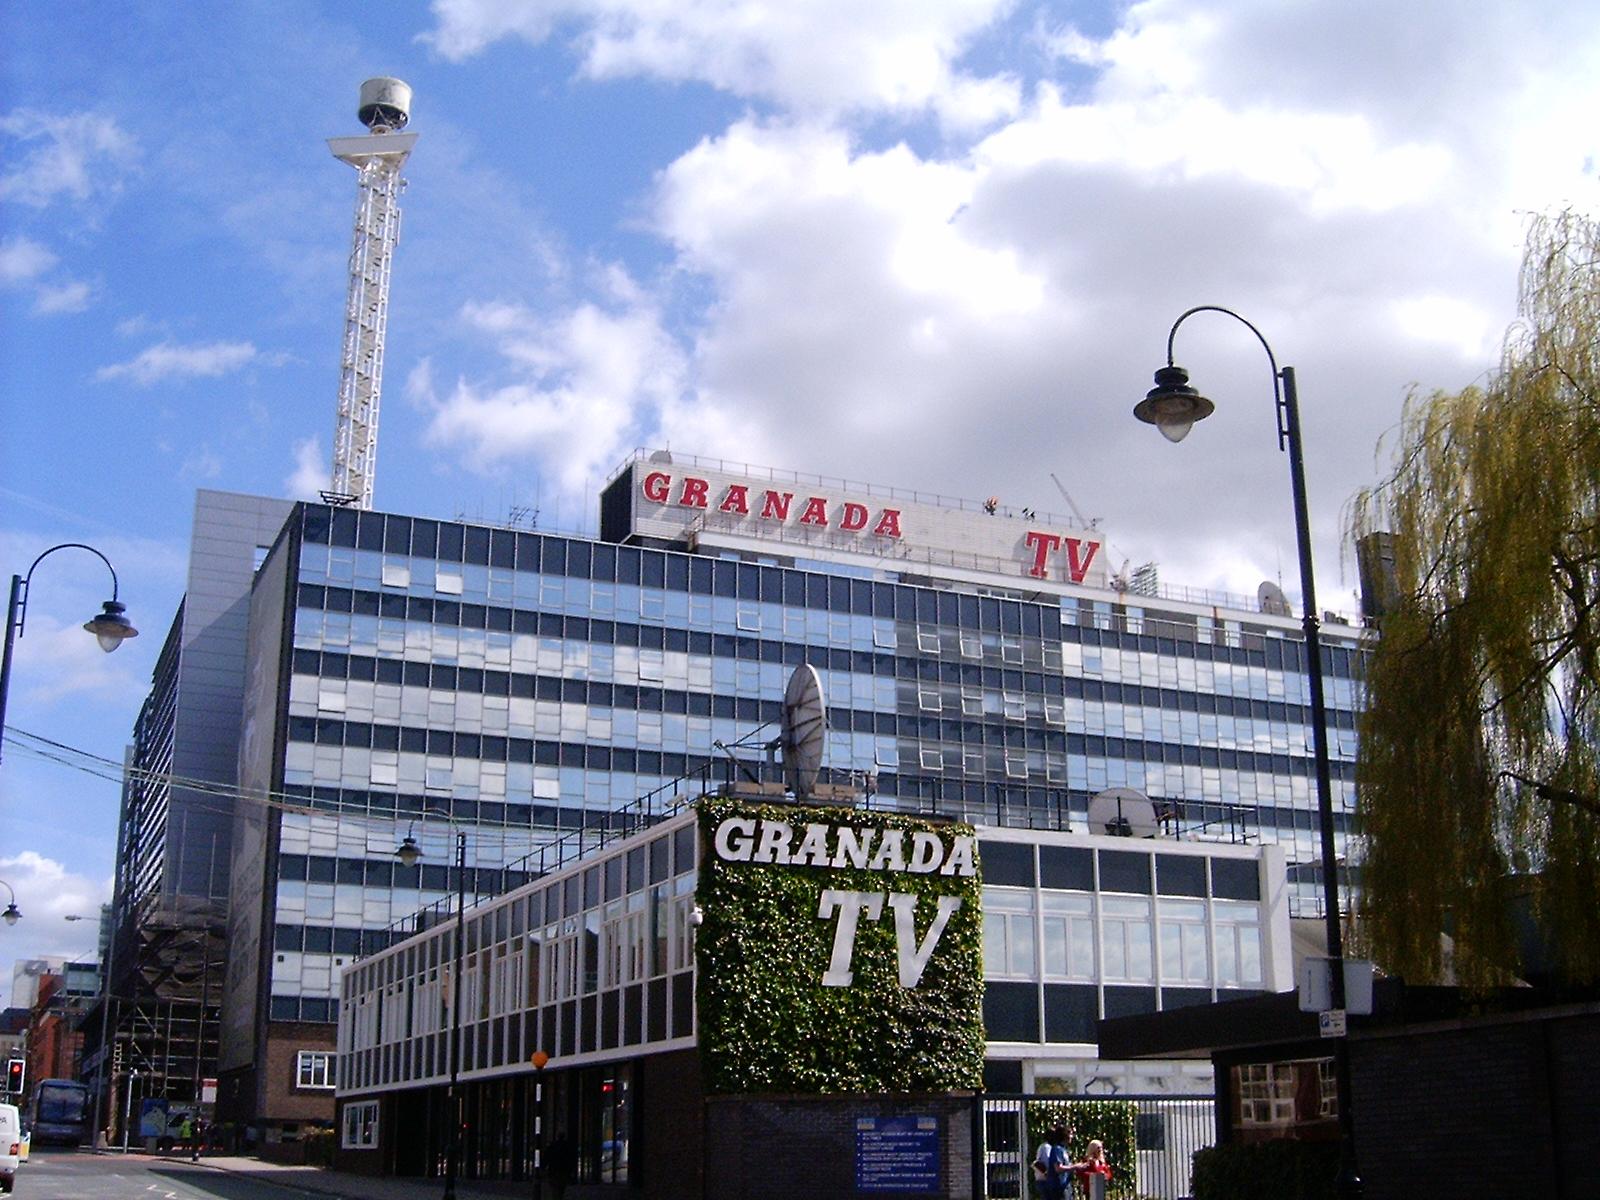 Granada_TV.jpg